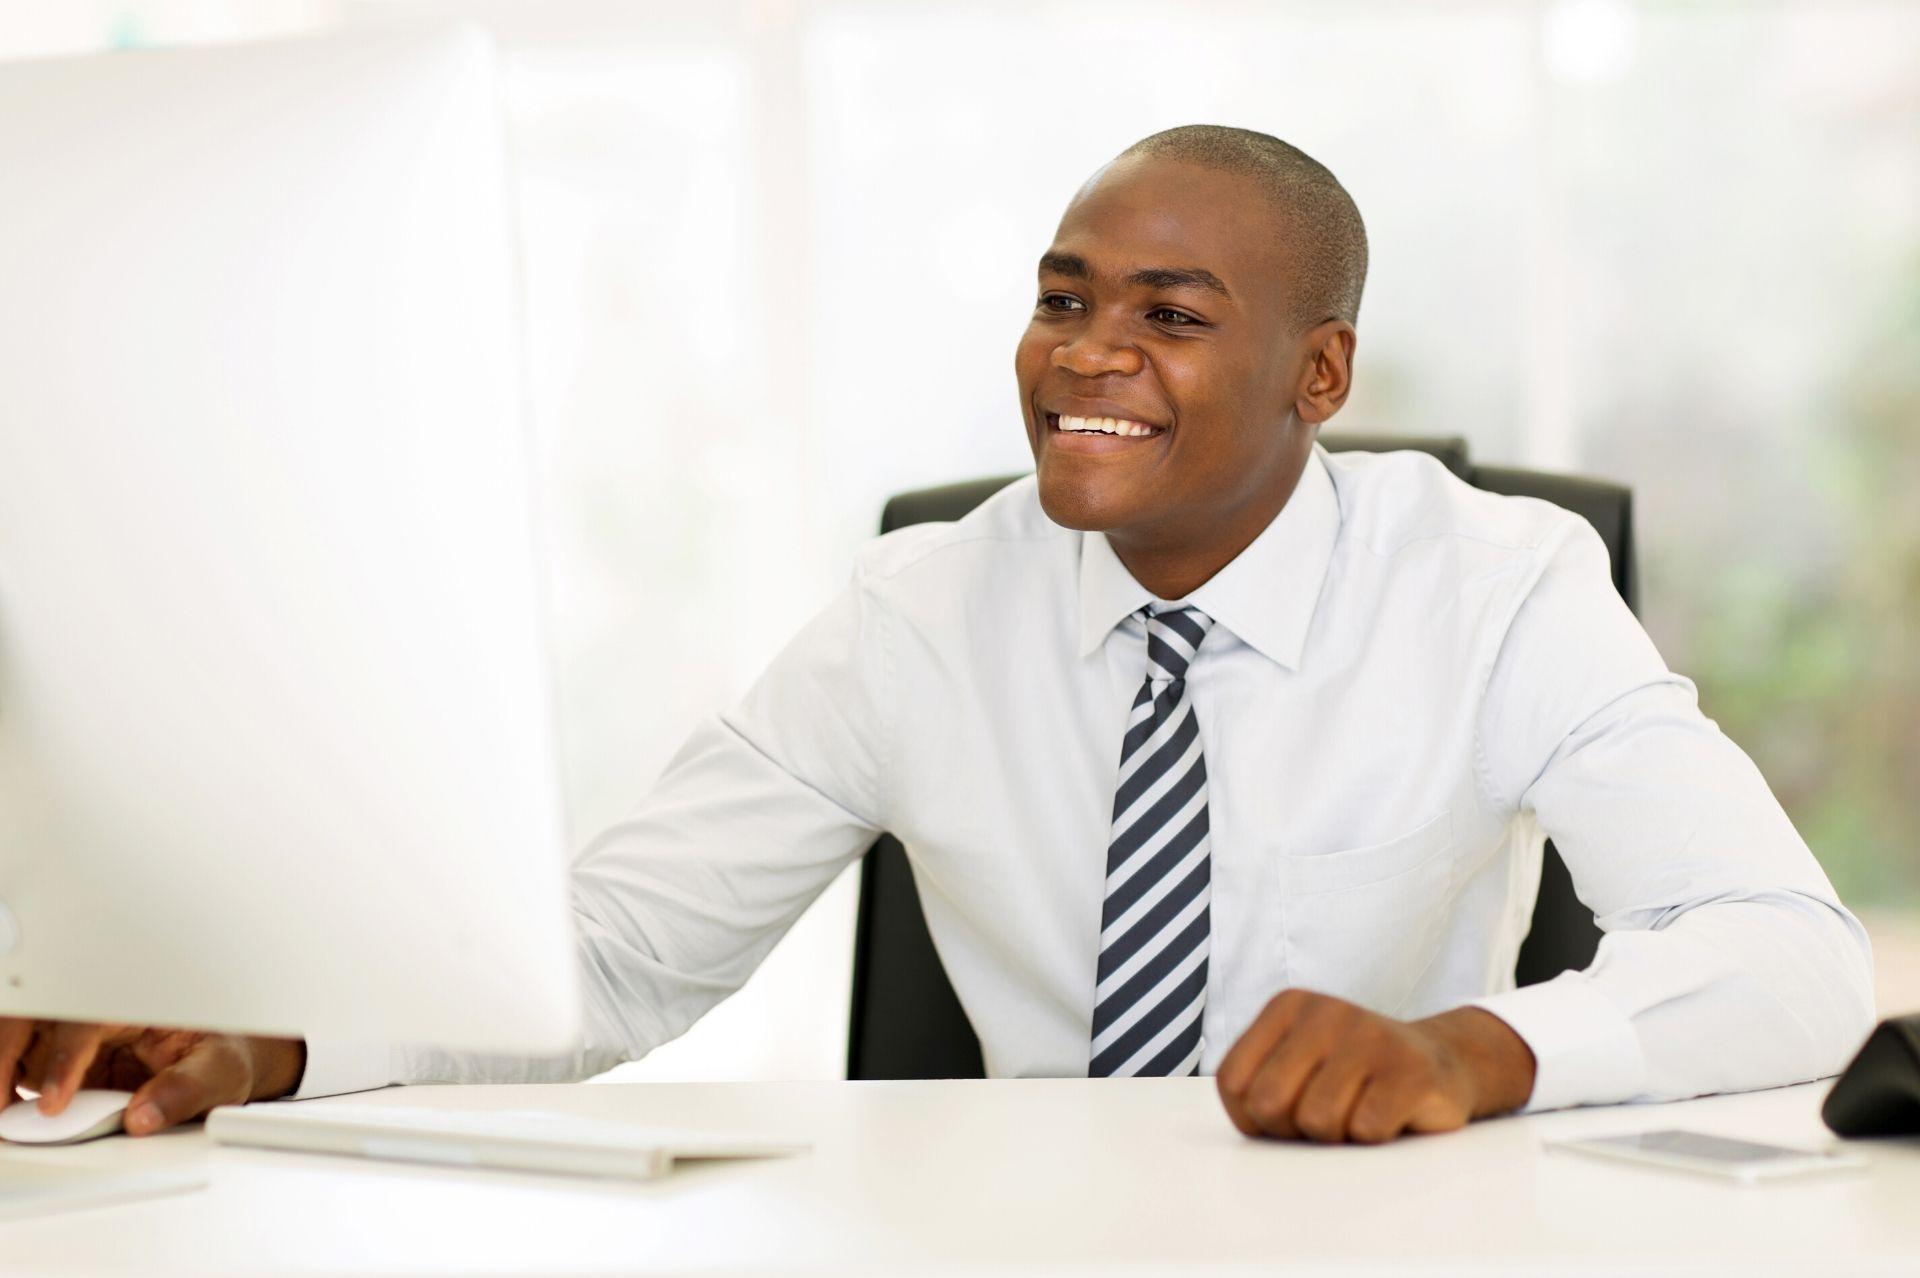 Career Coaching Consultation